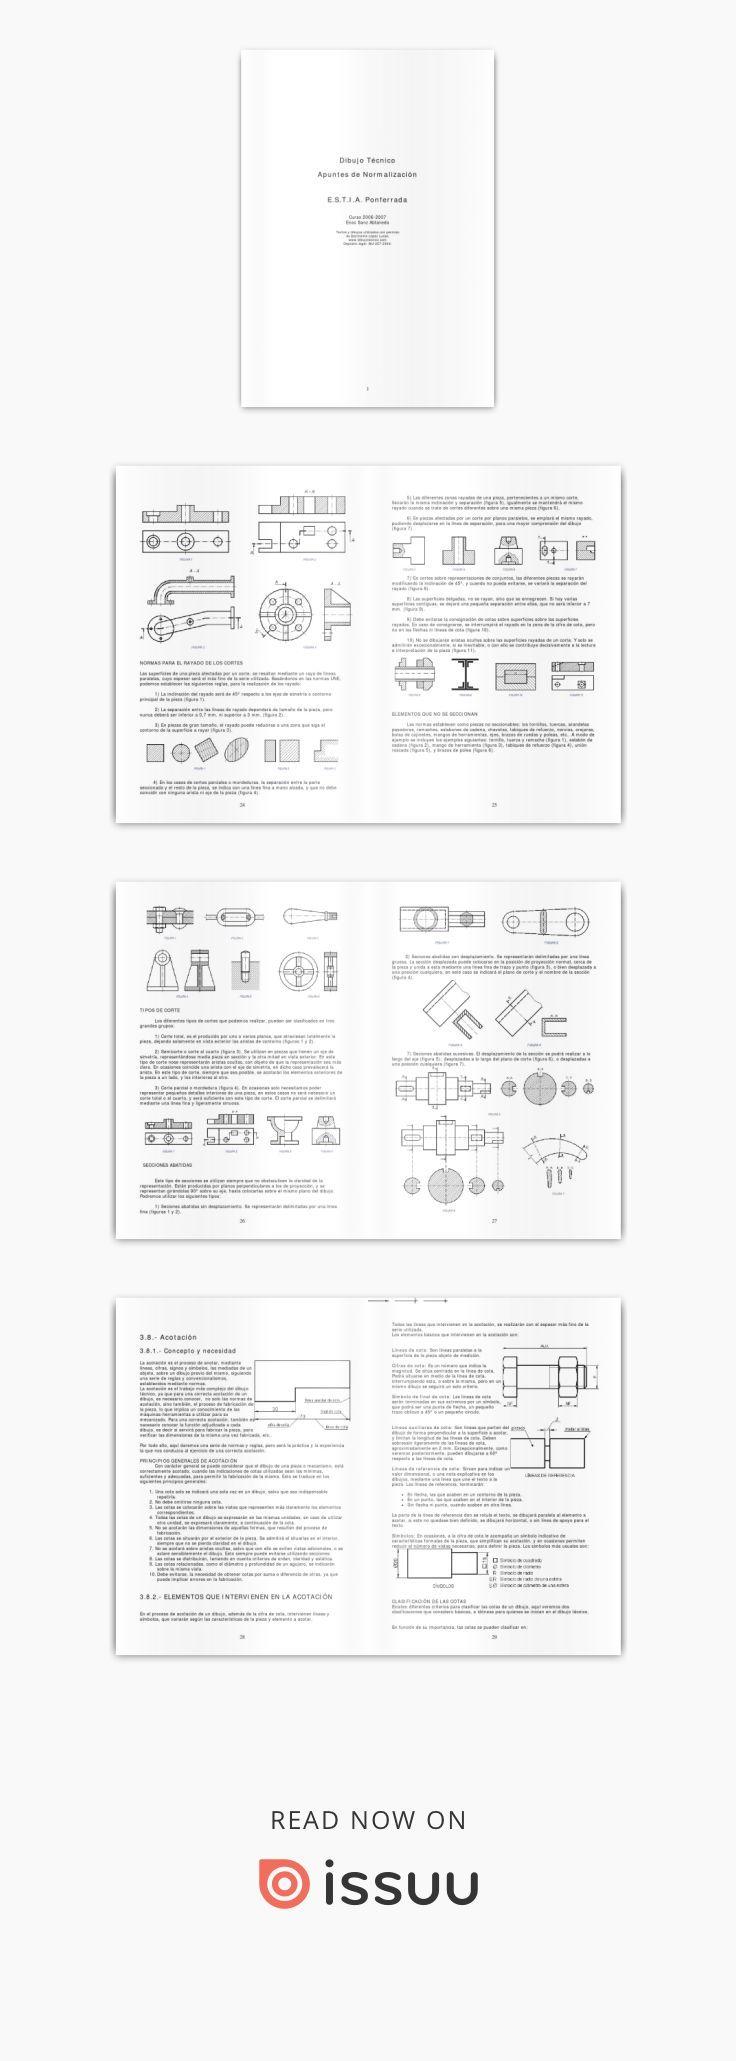 Apuntes De Dibujo Tecnico Normalizacion Y Vistas Tecnicas De Dibujo Apuntes Palabras